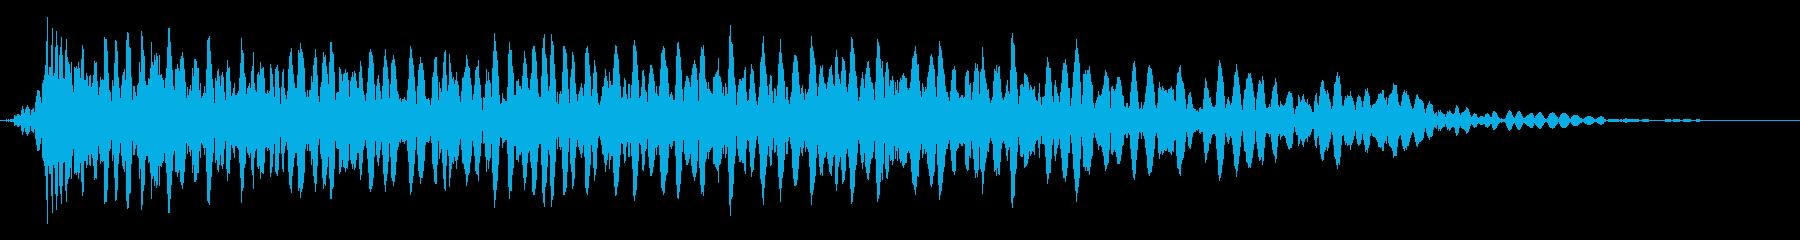 処理済みスプレートレイルによるバー...の再生済みの波形